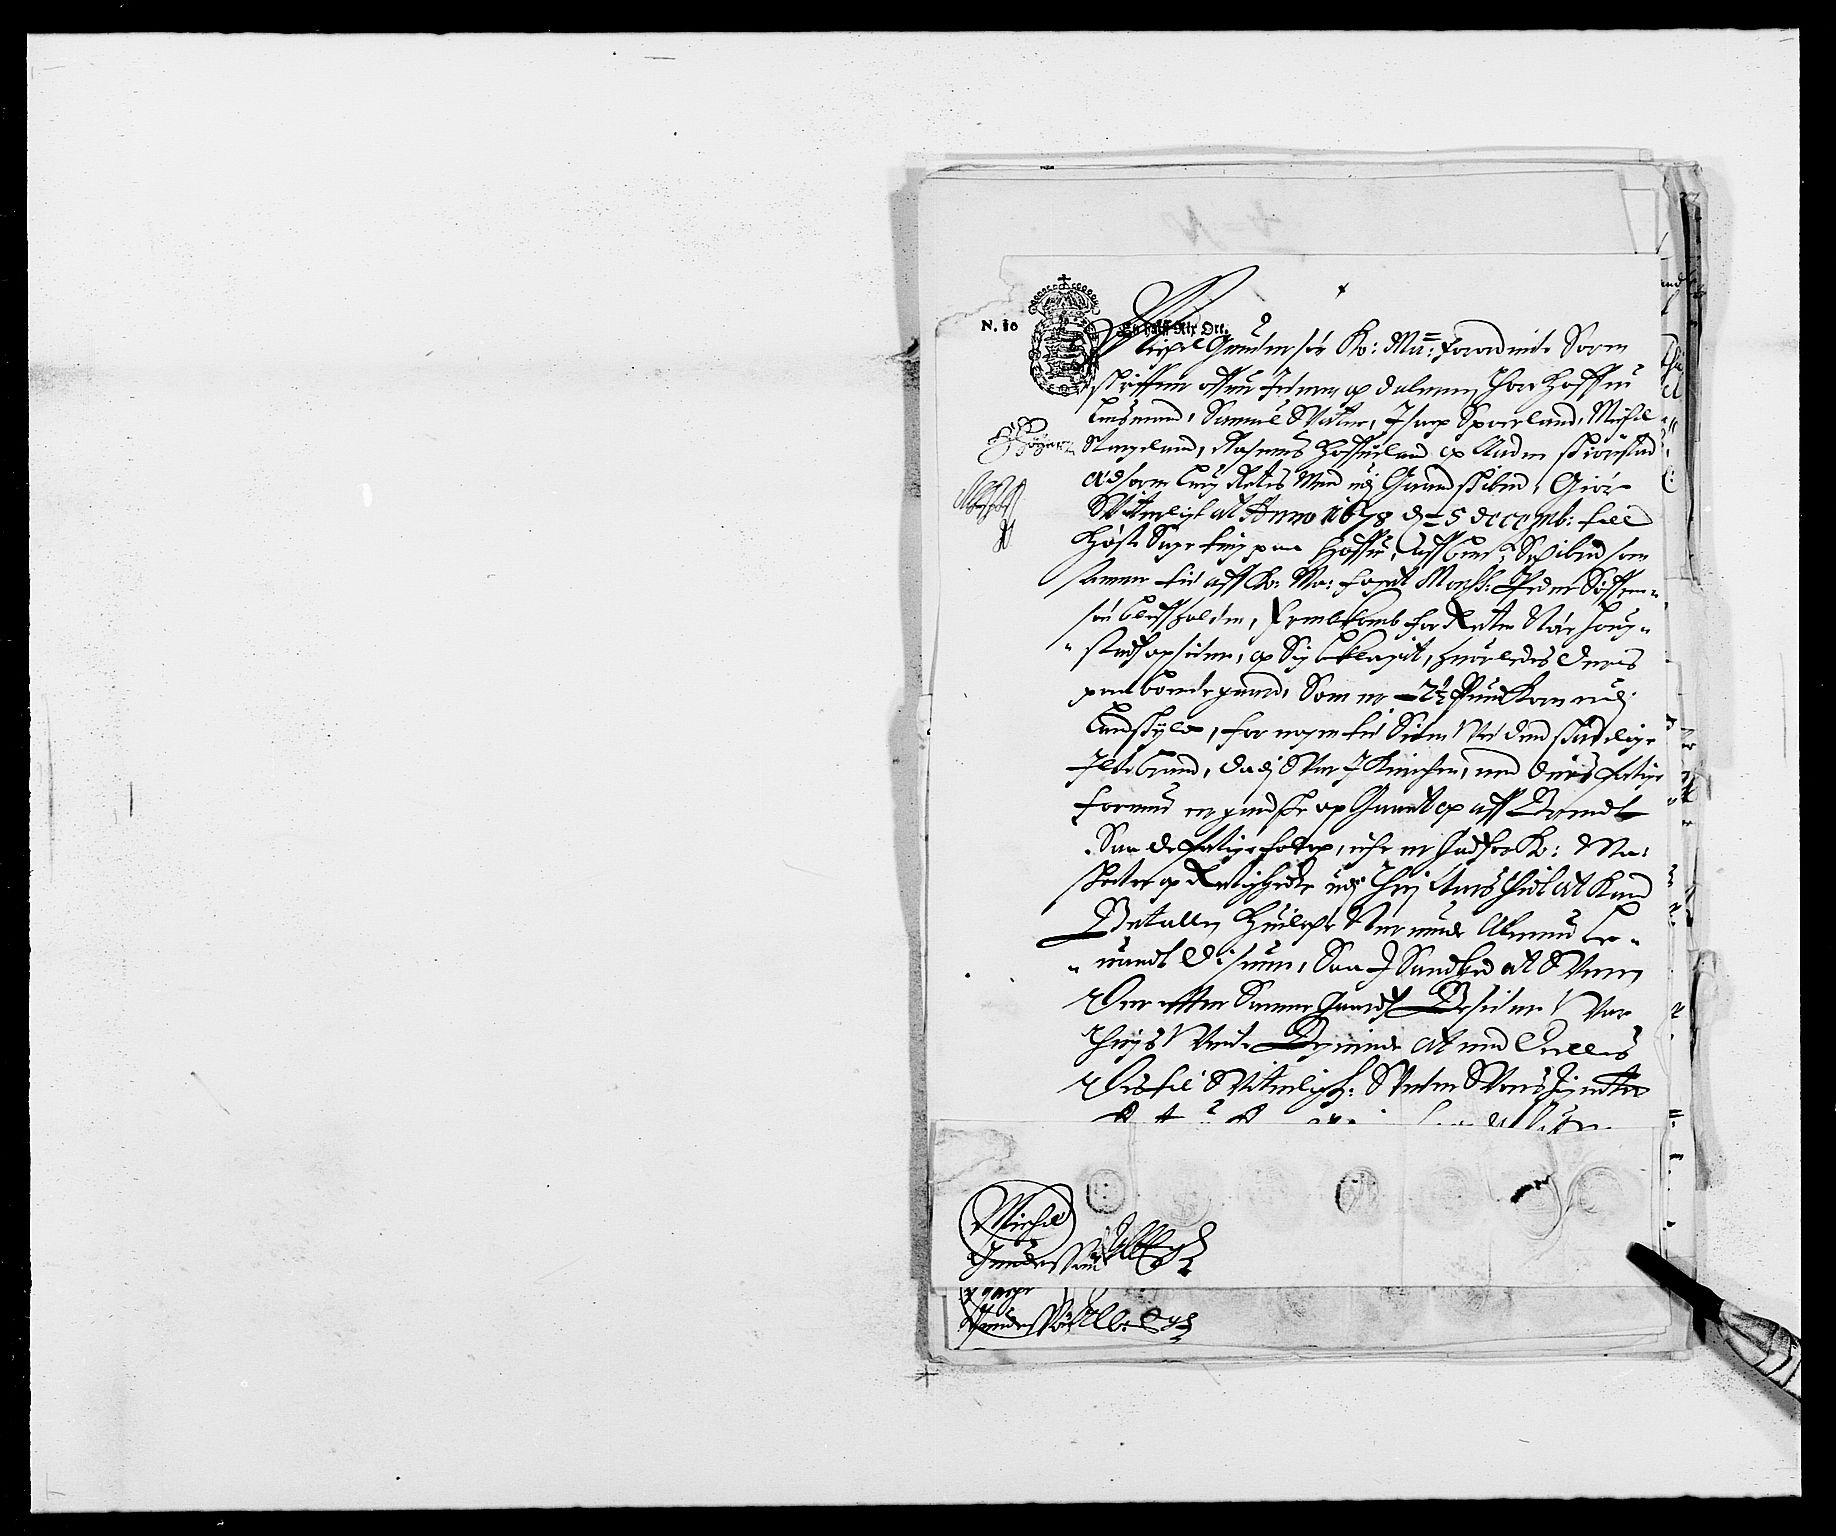 RA, Rentekammeret inntil 1814, Reviderte regnskaper, Fogderegnskap, R46/L2718: Fogderegnskap Jæren og Dalane, 1678, s. 288